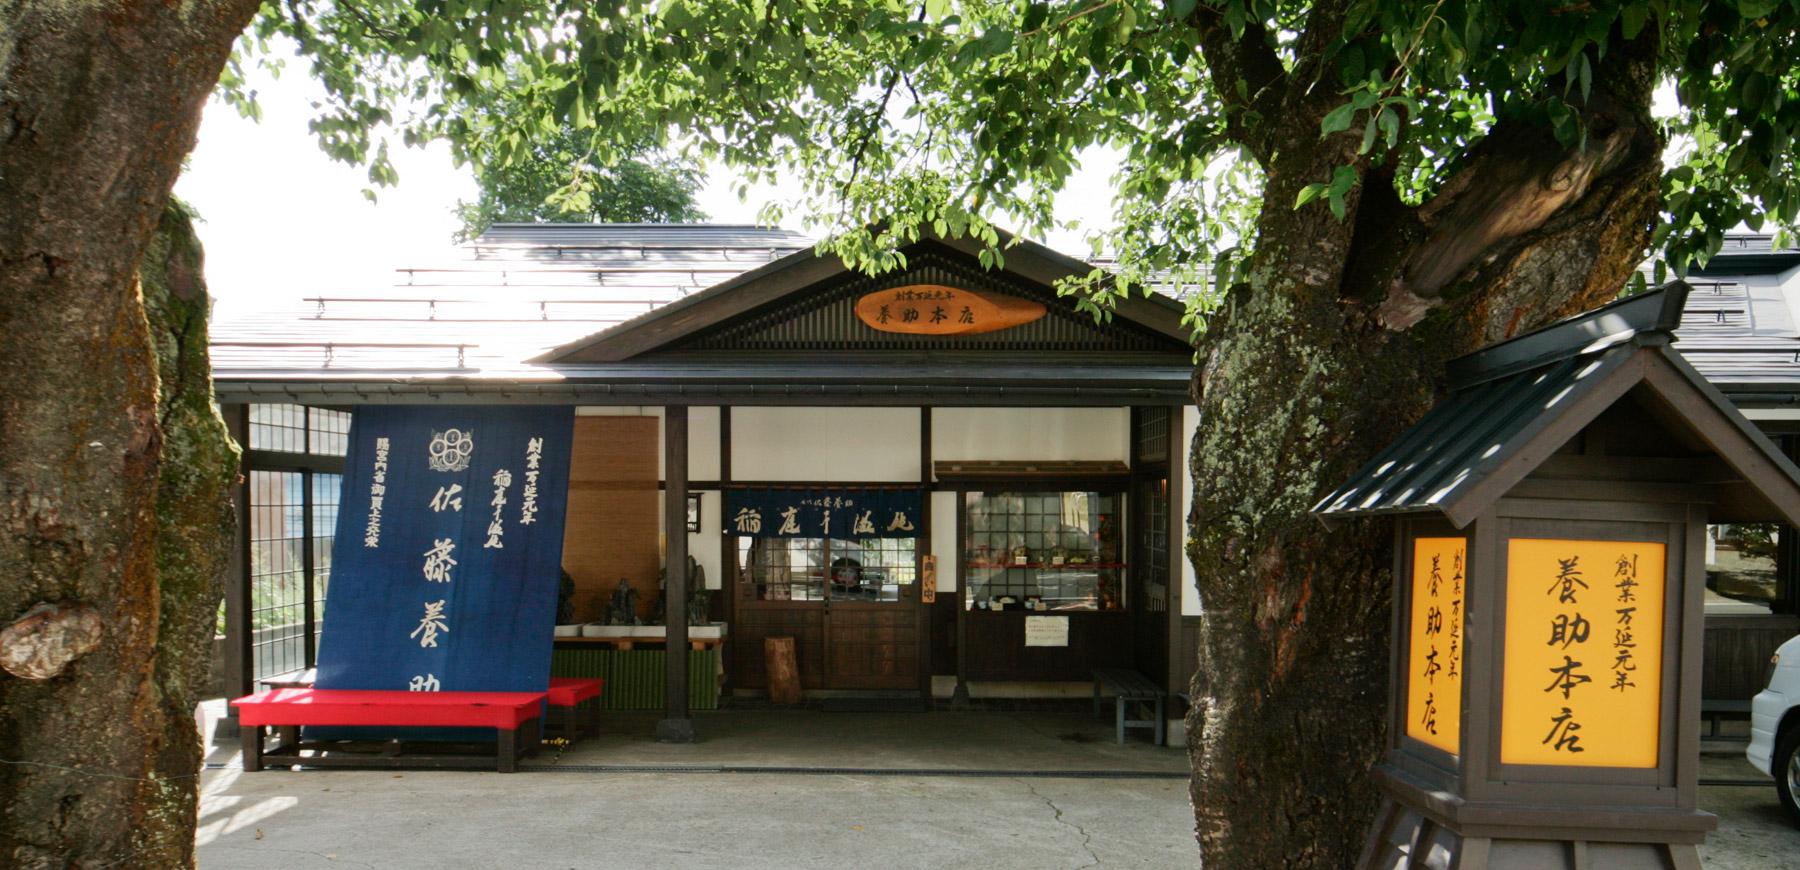 稲庭うどん 佐藤養助 秋田県 総本店 別館